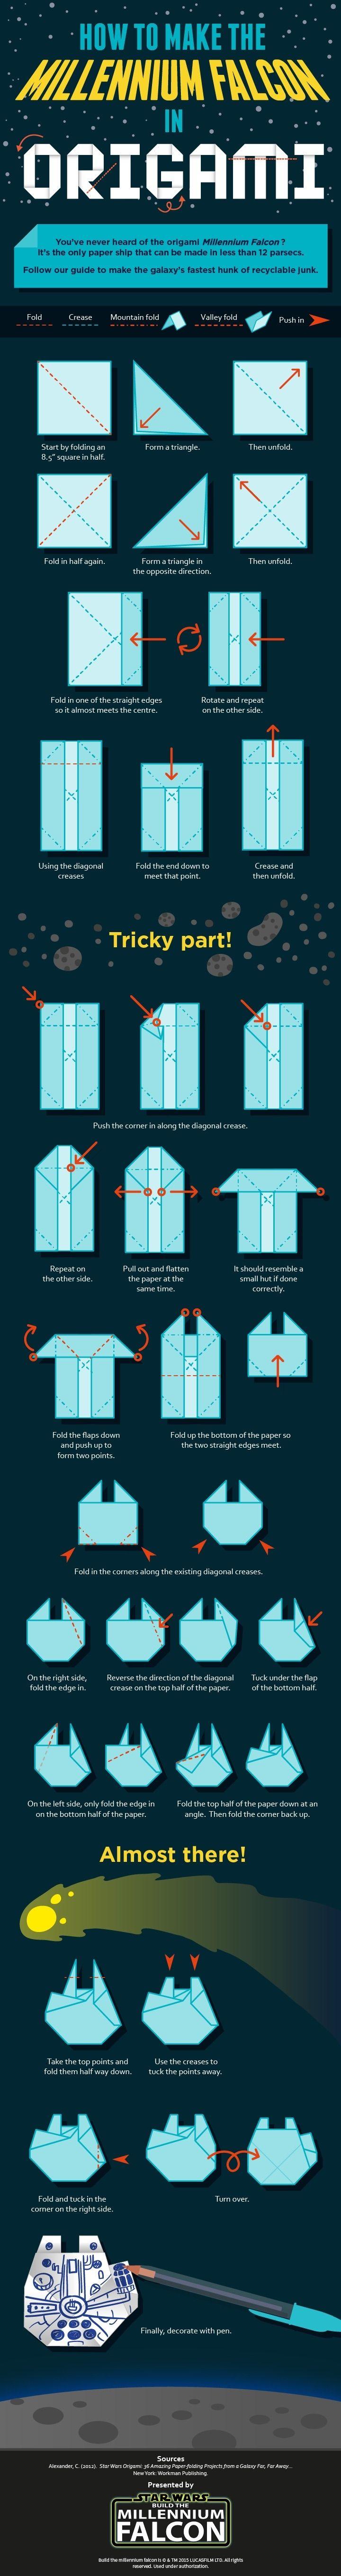 折り紙でミレニアム・ファルコンを折る方法 ギズモード・ジャパン